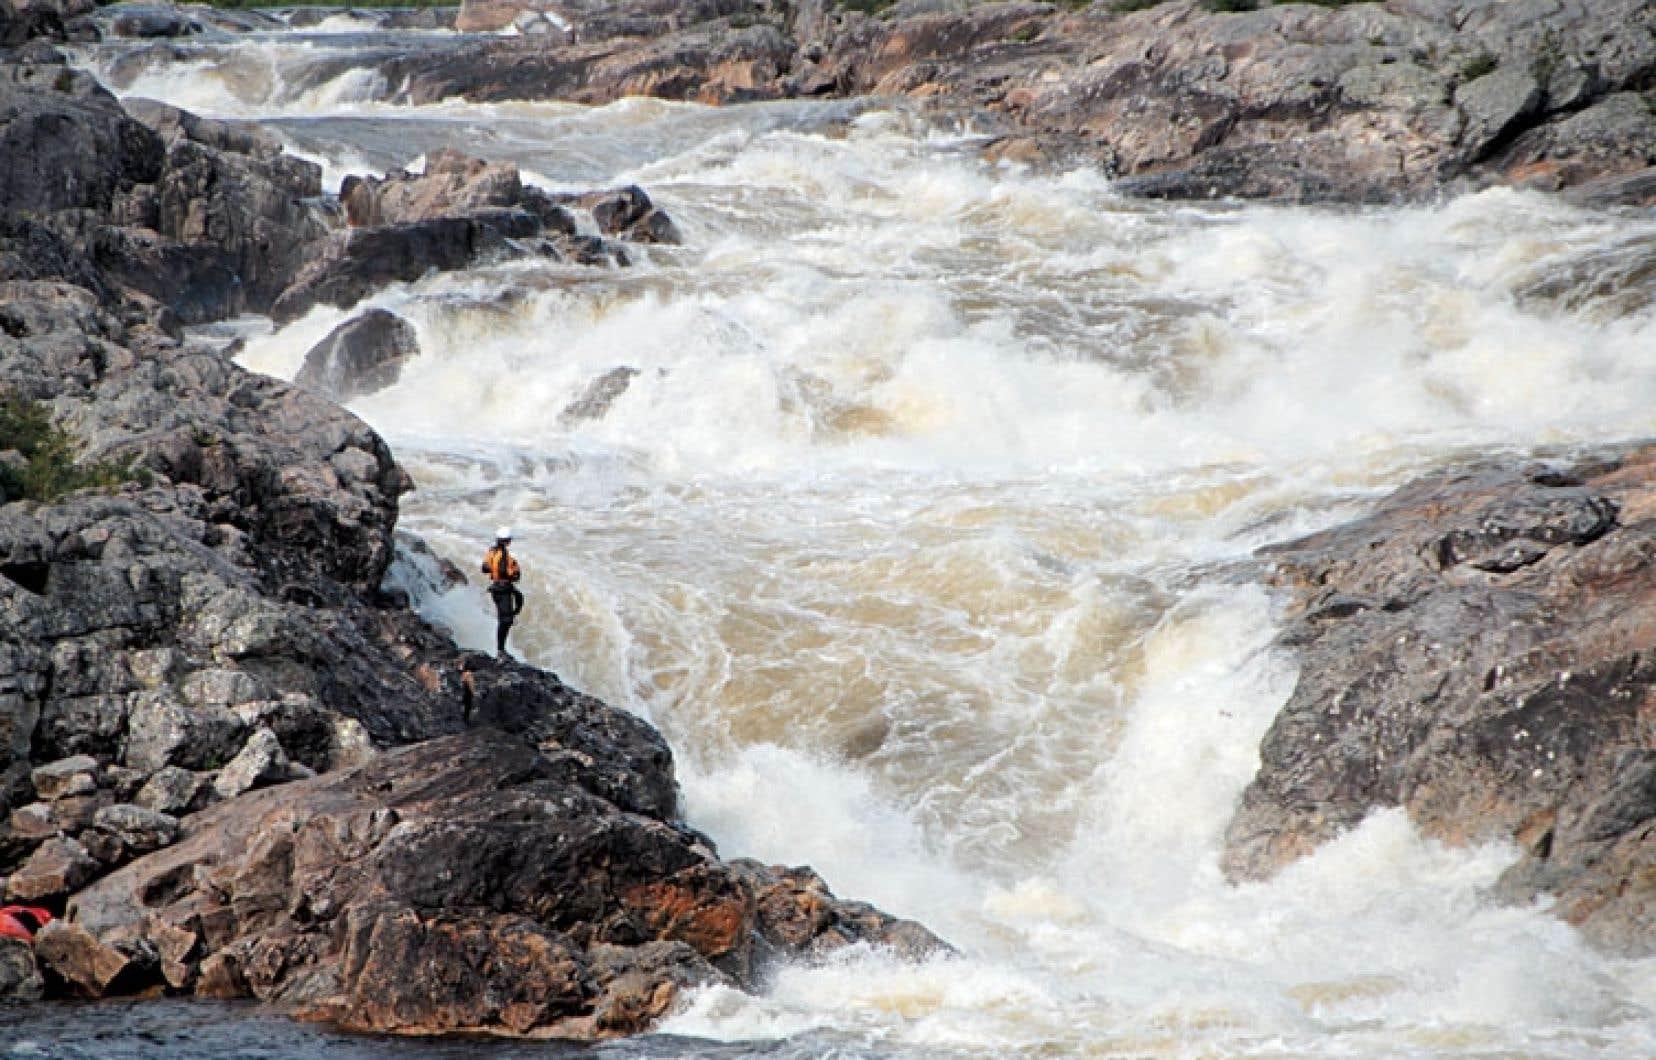 Dans son plan stratégique de 2009-2013, Hydro-Québec avait évalué que la rivière Magpie, qui se déverse dans le Saint-Laurent dans la région de la Minganie, avait un potentiel de production de 850 mégawatts d'électricité.